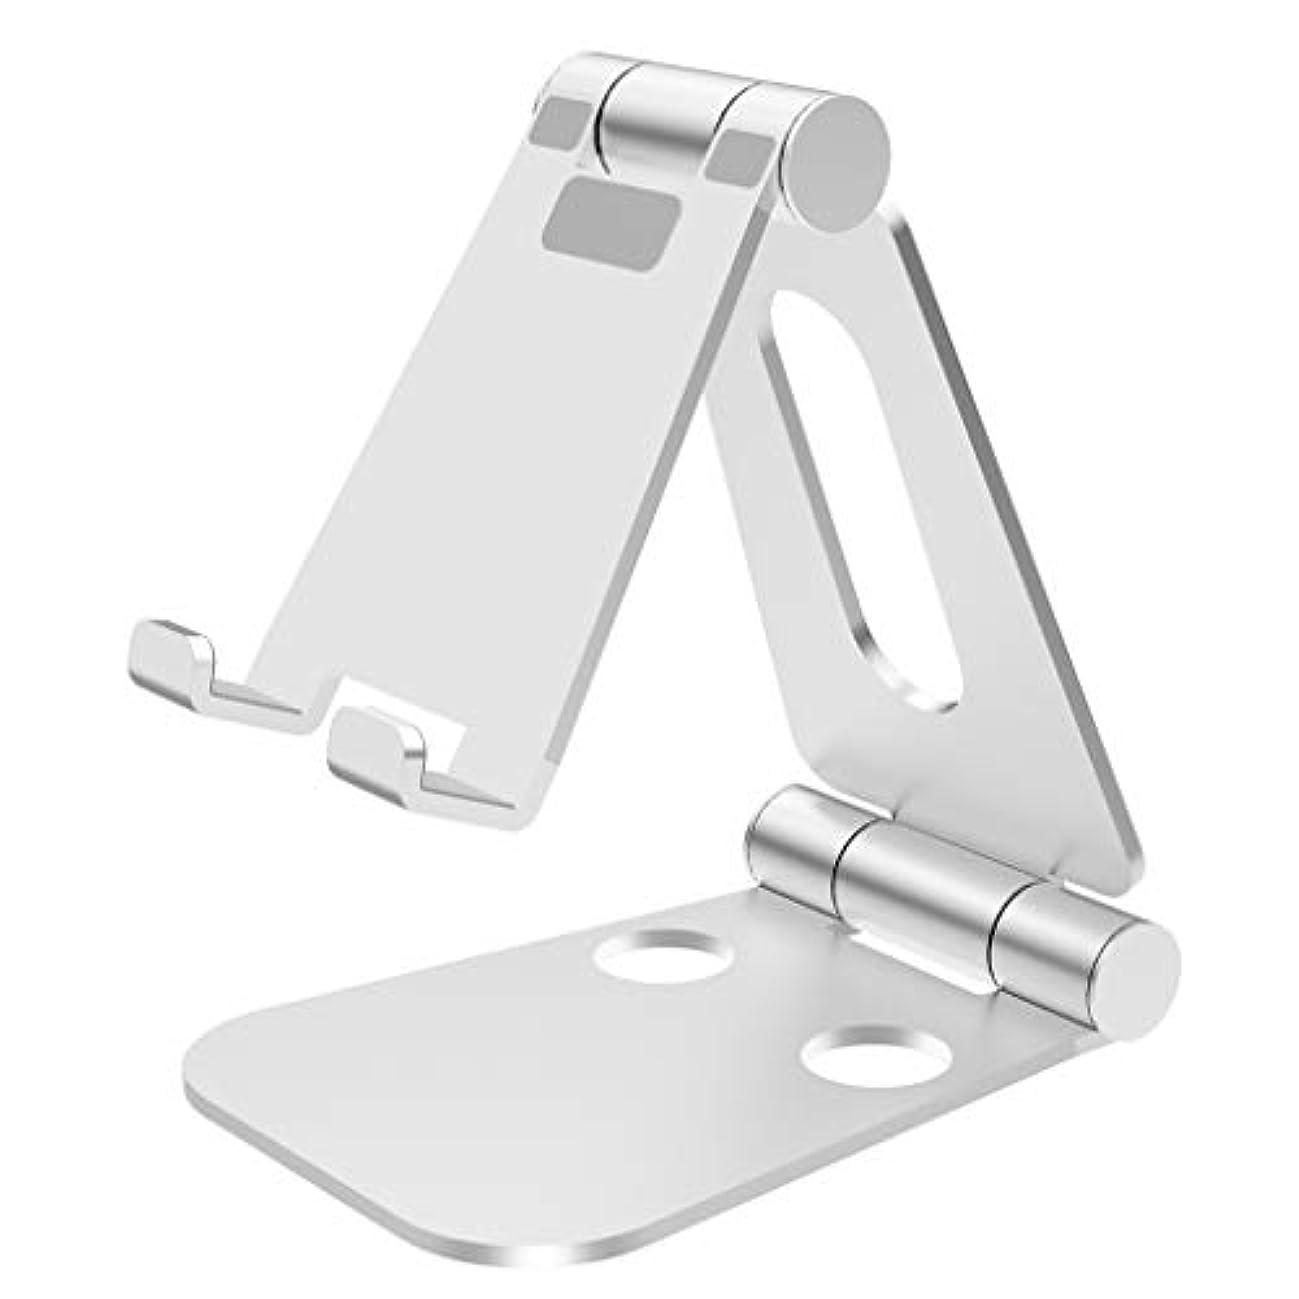 素晴らしさリース個人的に他のスマートフォン用の携帯電話ホルダー、ダブル折りたたみメタルフラットブラケット、アルミレイジーデスクトップブラケット (Color : Silver)